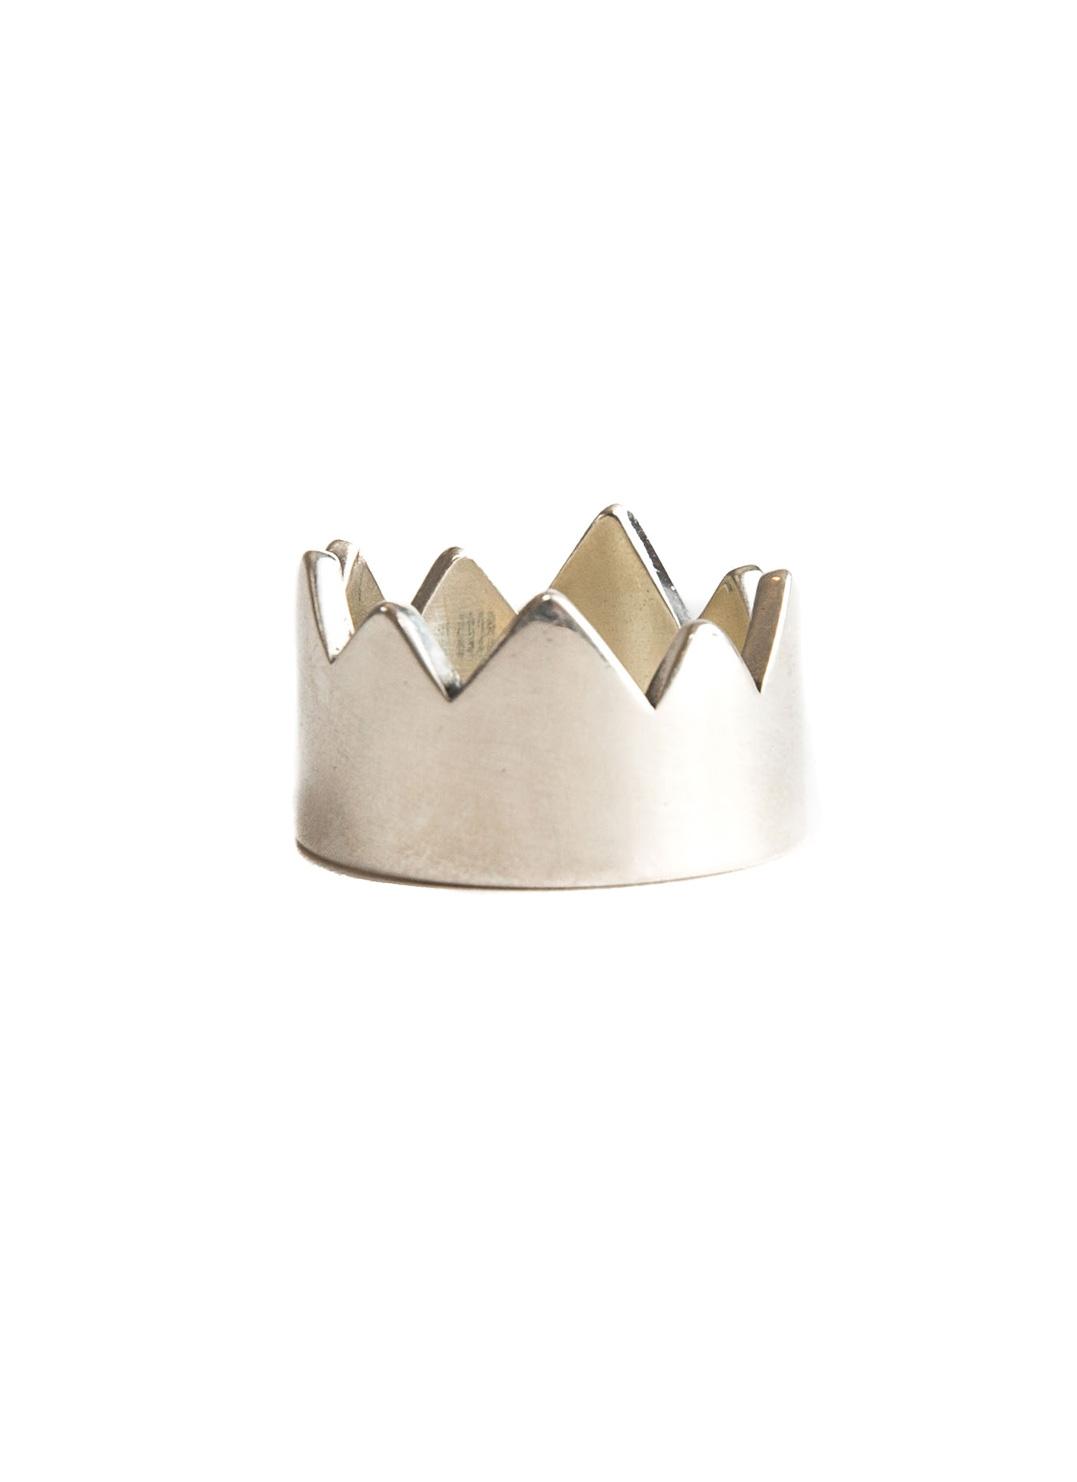 Serge Denim Jewellery